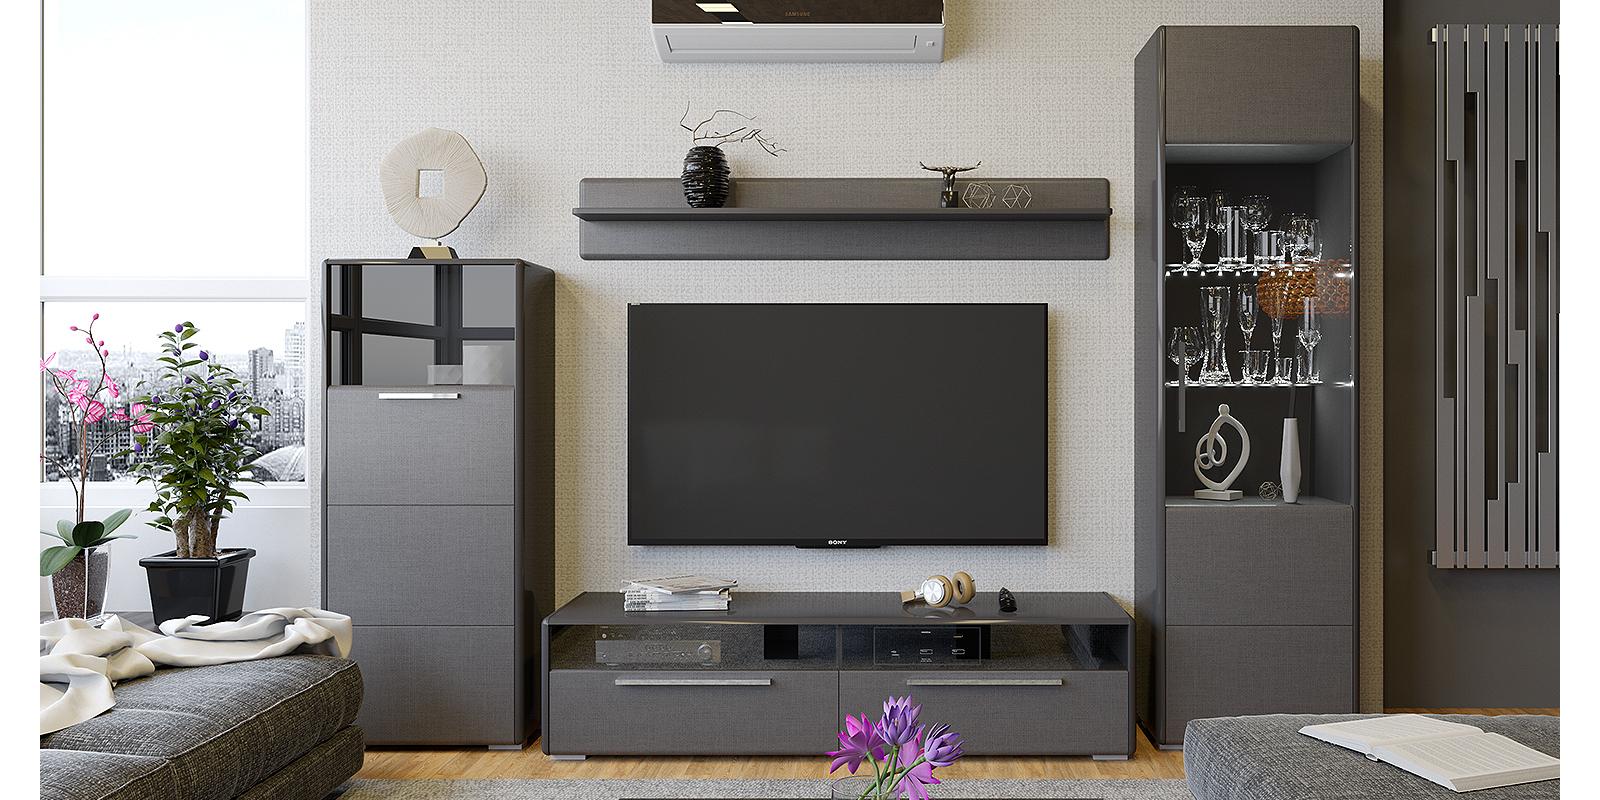 Модульная система Сорренто вариант №2 (серый/коричневый) от HomeMe.ru